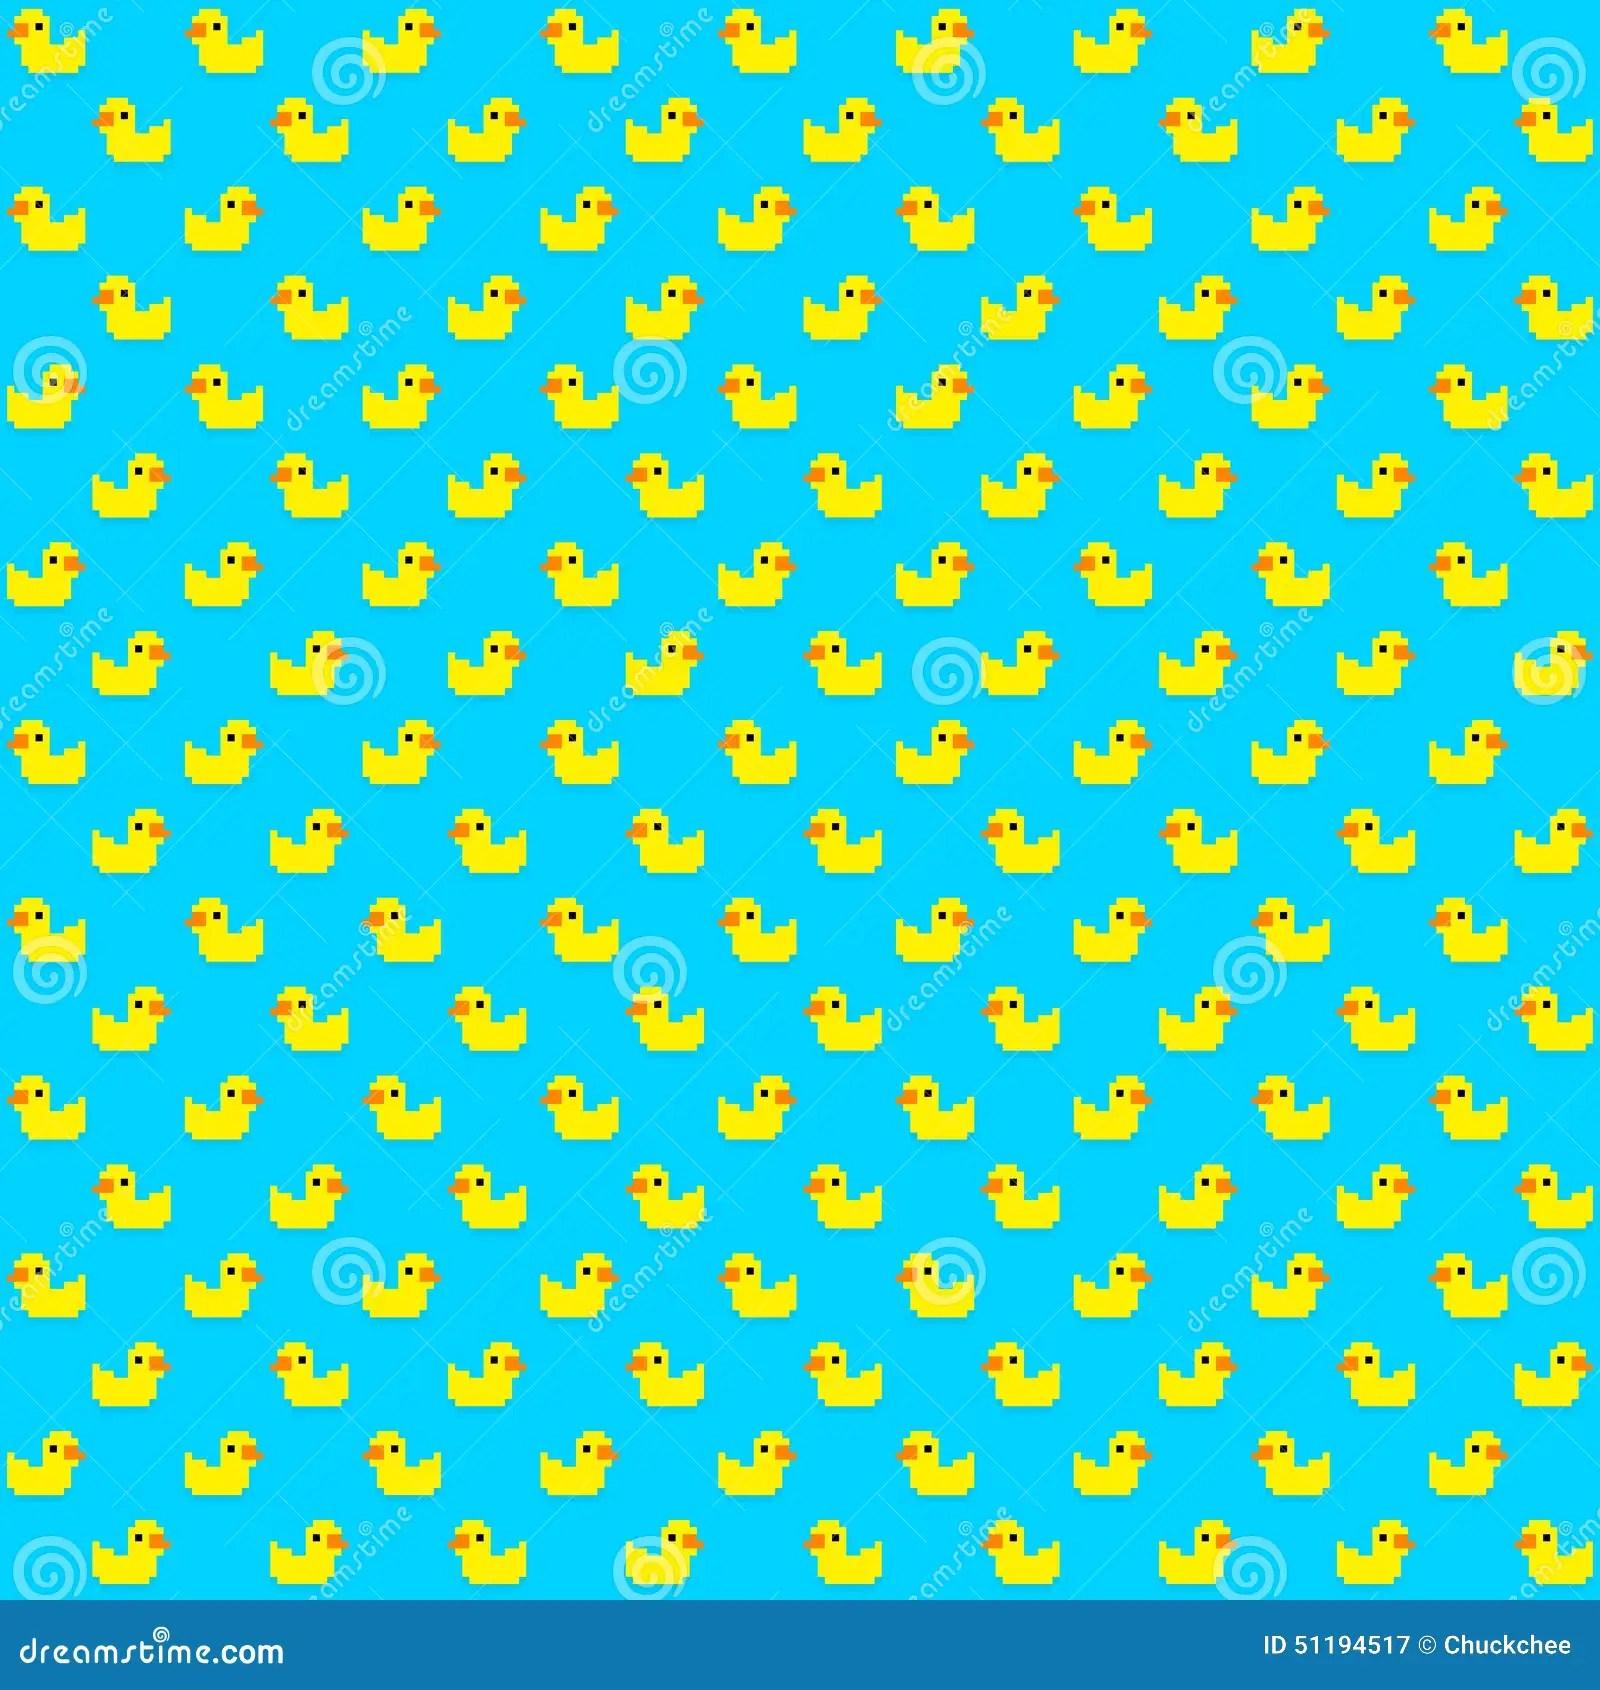 Cute Ducks In Water Wallpaper Pixel Duck Stock Vector Image 51194517